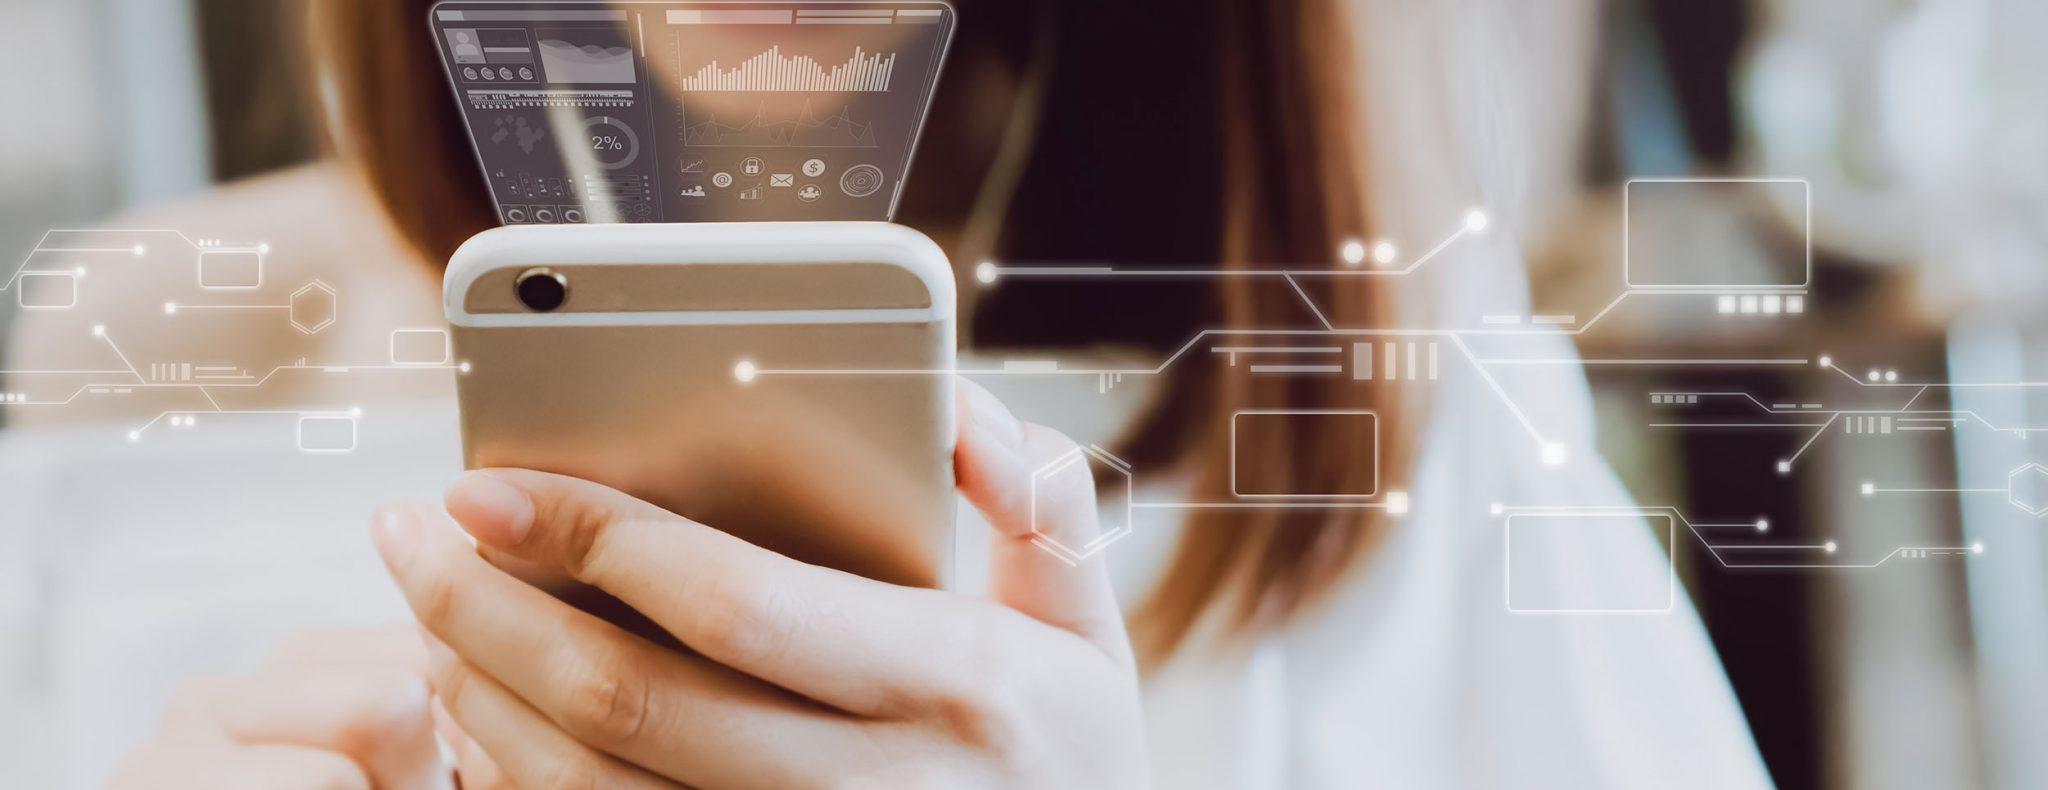 La croissance du marché de la pub digitale s'accélère en 2018 selon l'observatoire de l'e-pub